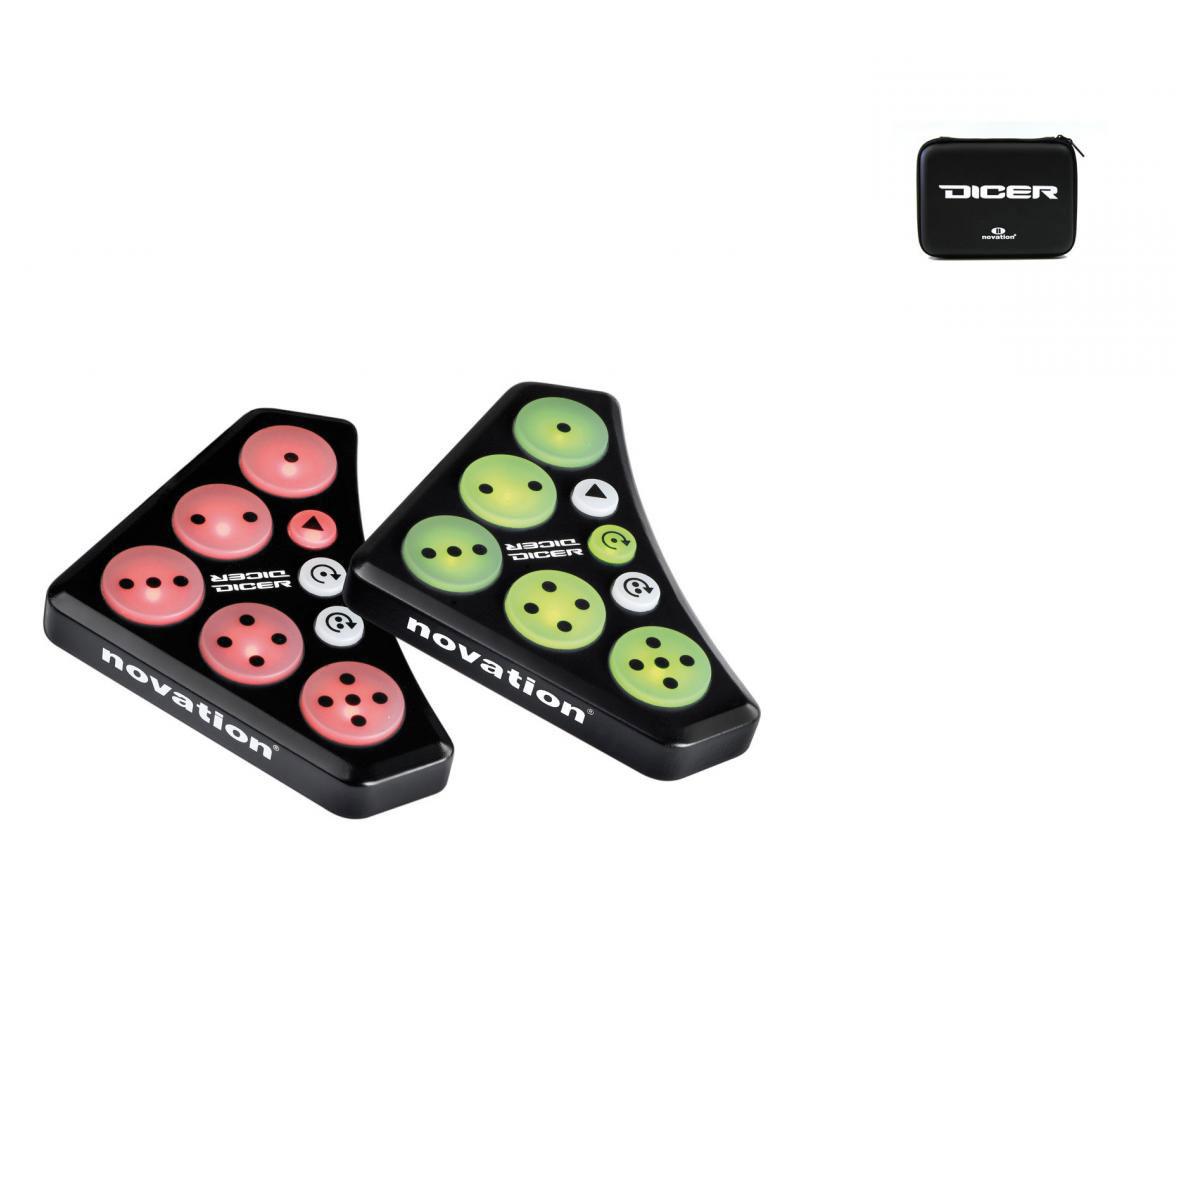 Dj tech table de mixage contrleur de logiciel usb hybrid - Logiciel table de mixage dj gratuit francais ...